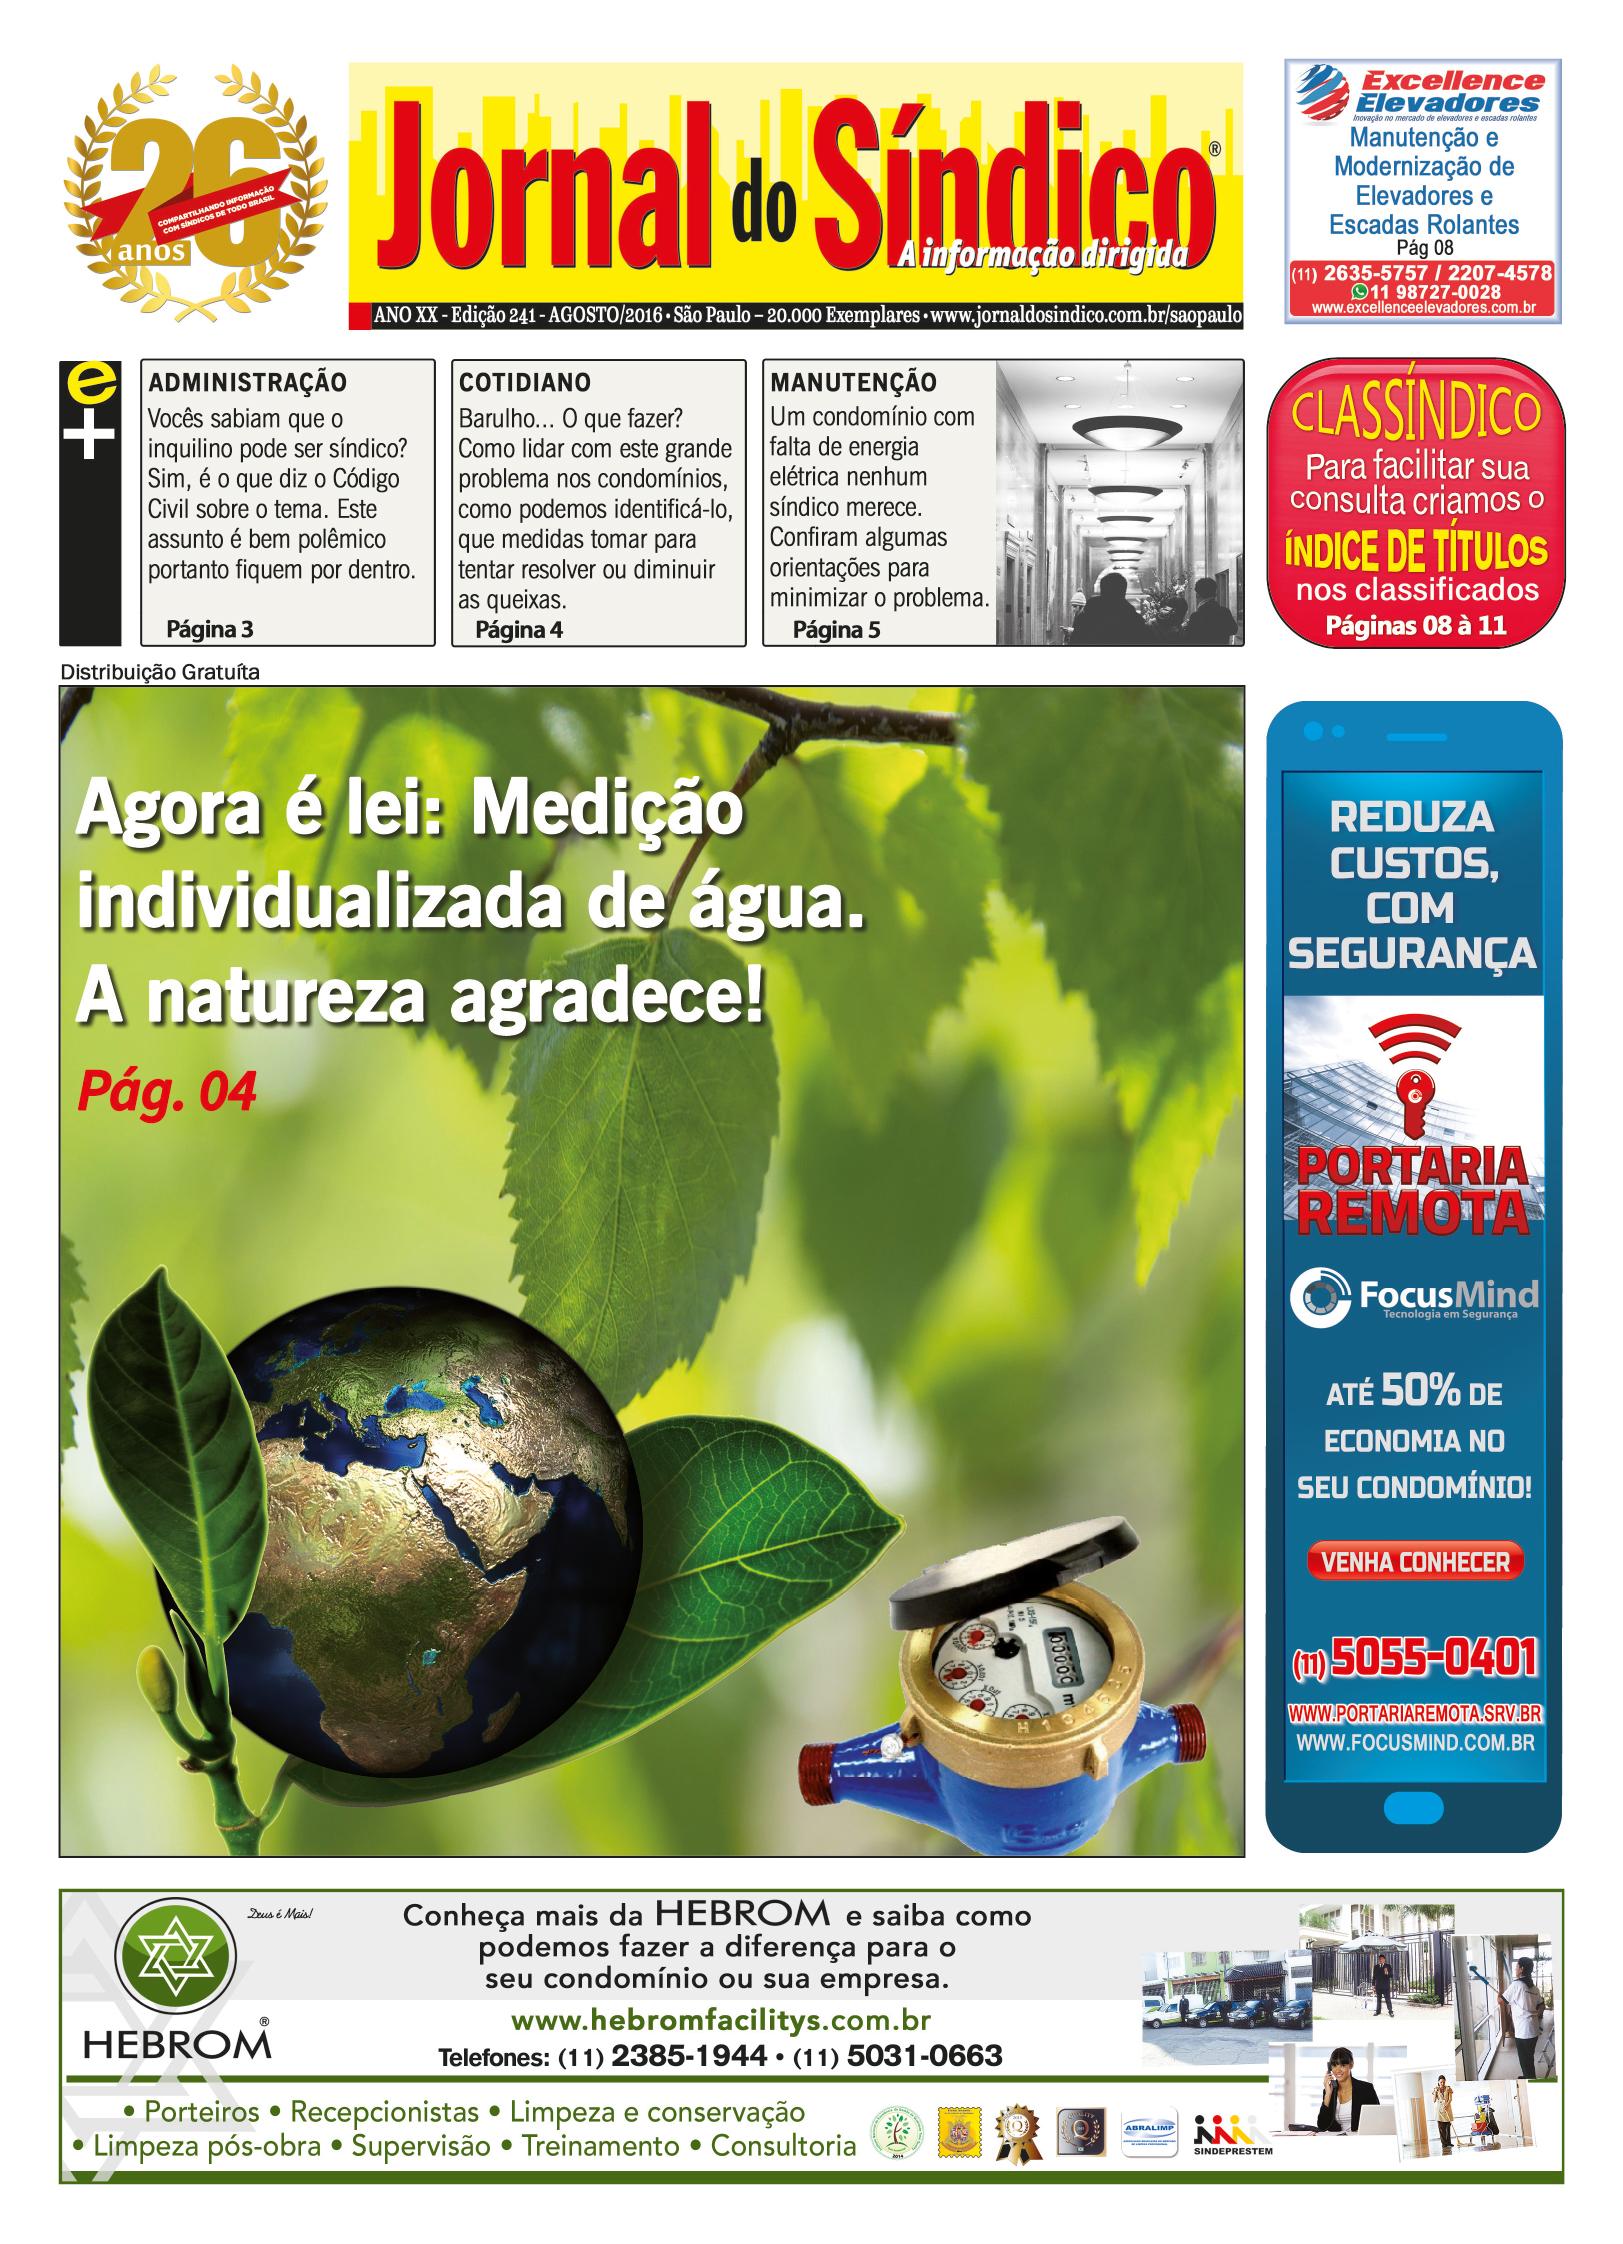 Jornal do sindico -edic 241 Agosto.indd